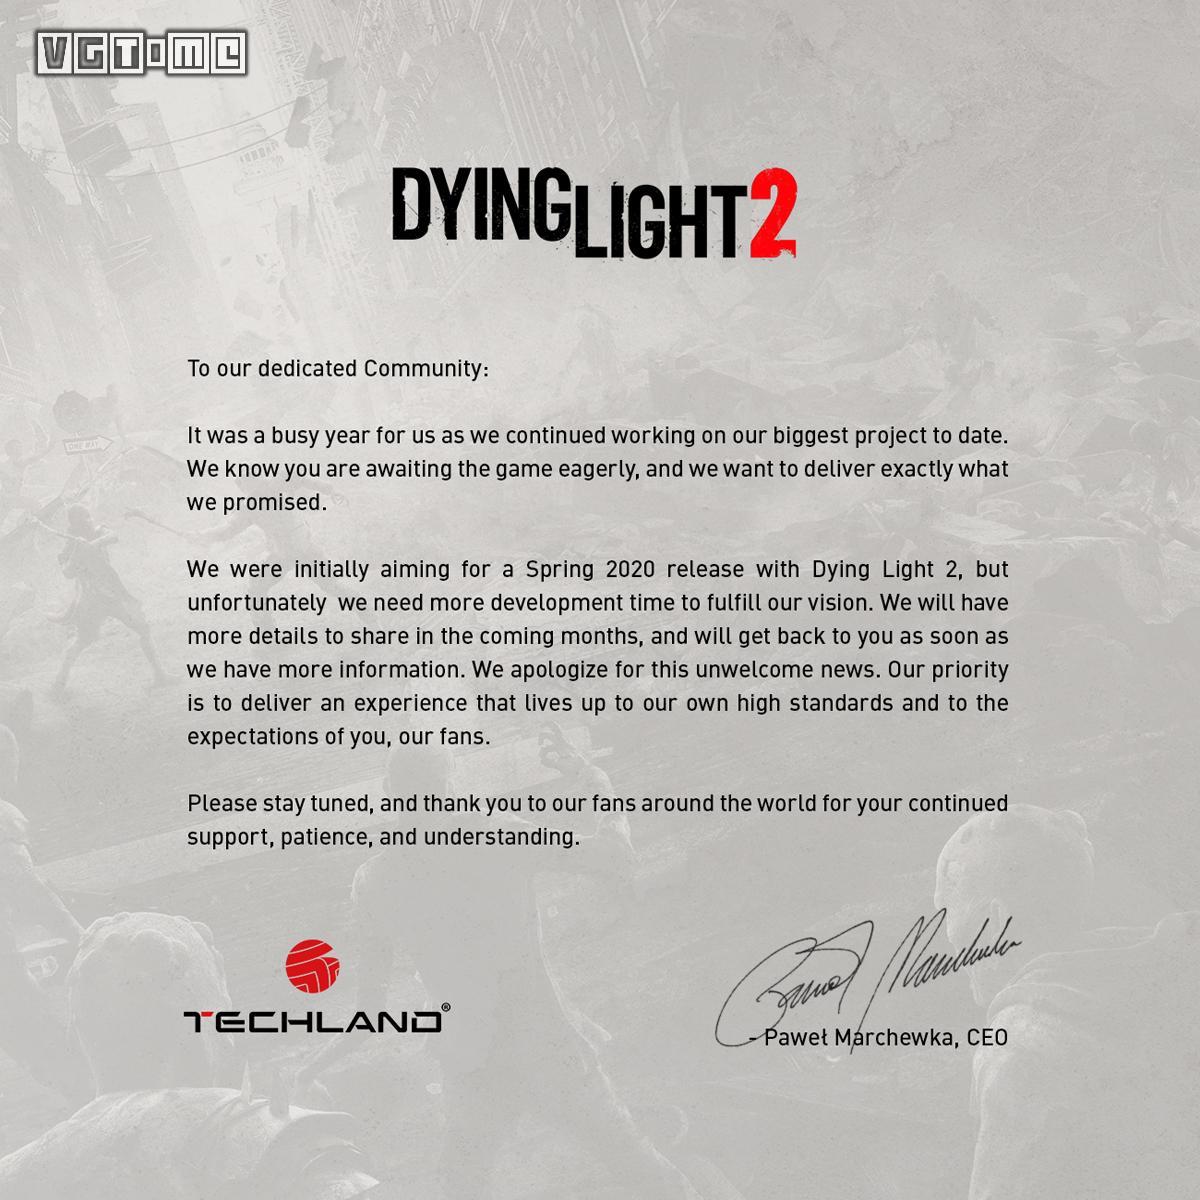 《消逝的光芒2》将延期发售,新发售日未定